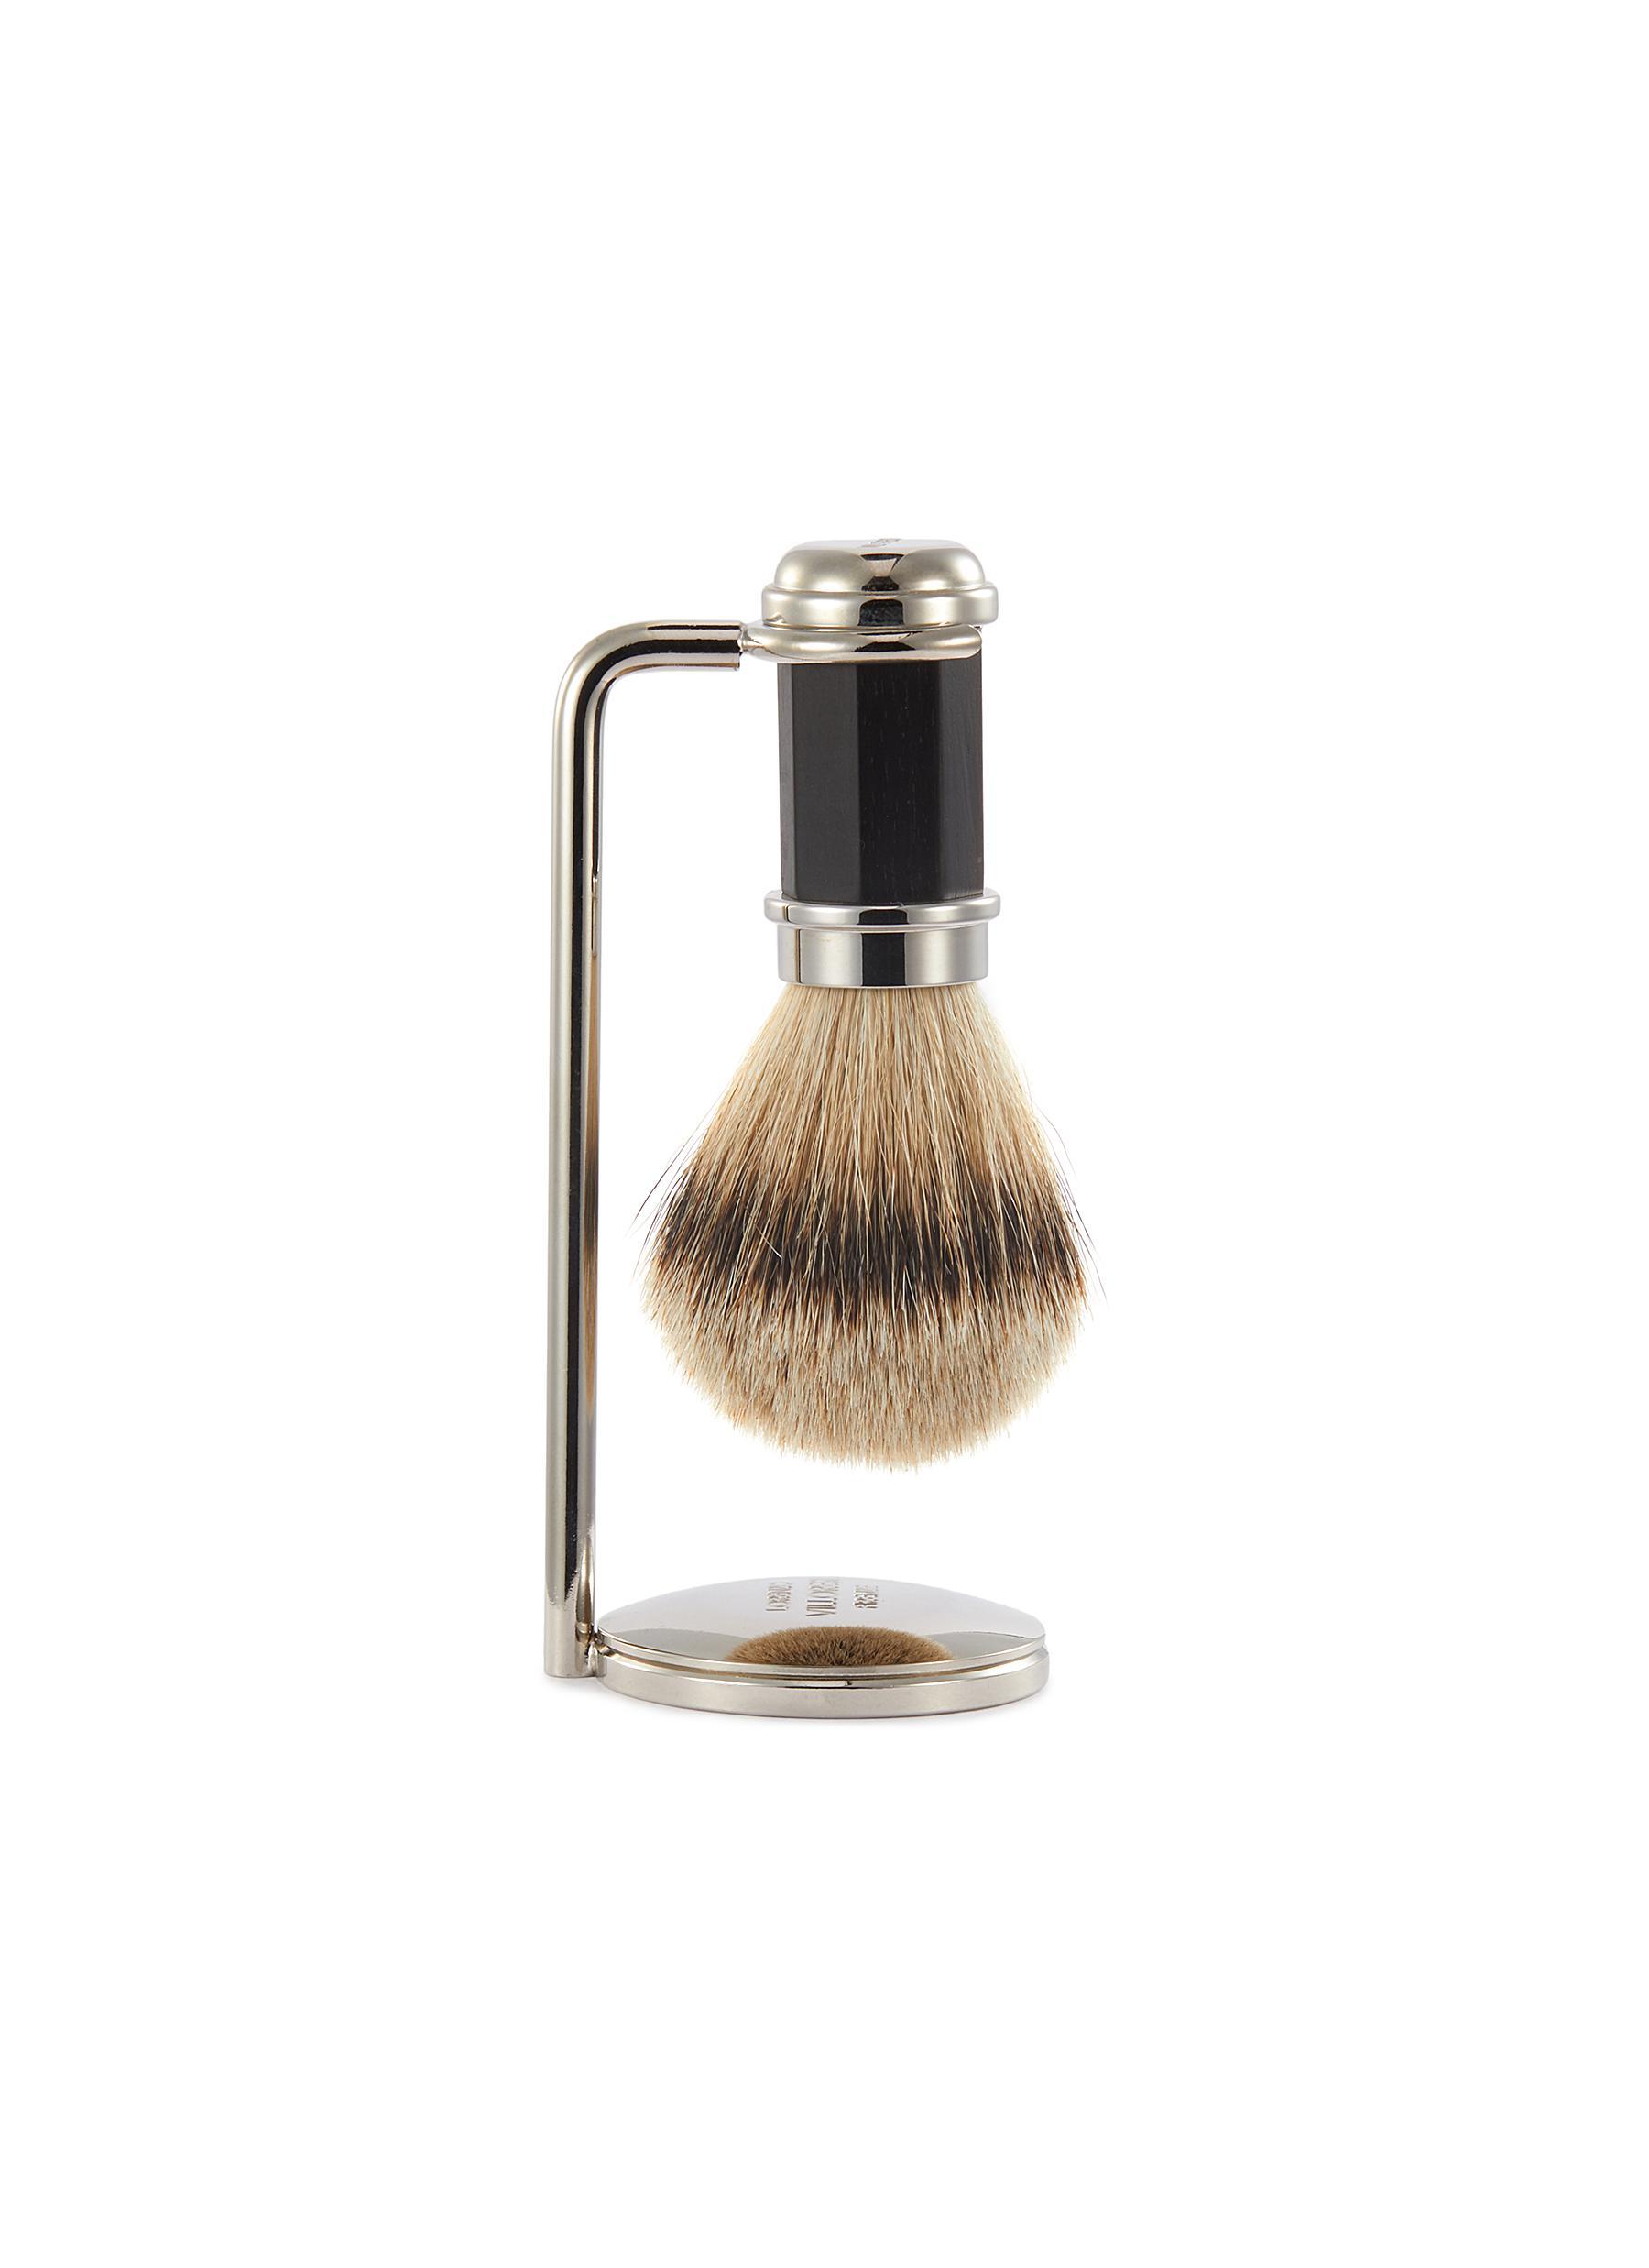 Ebony wood shaving brush set